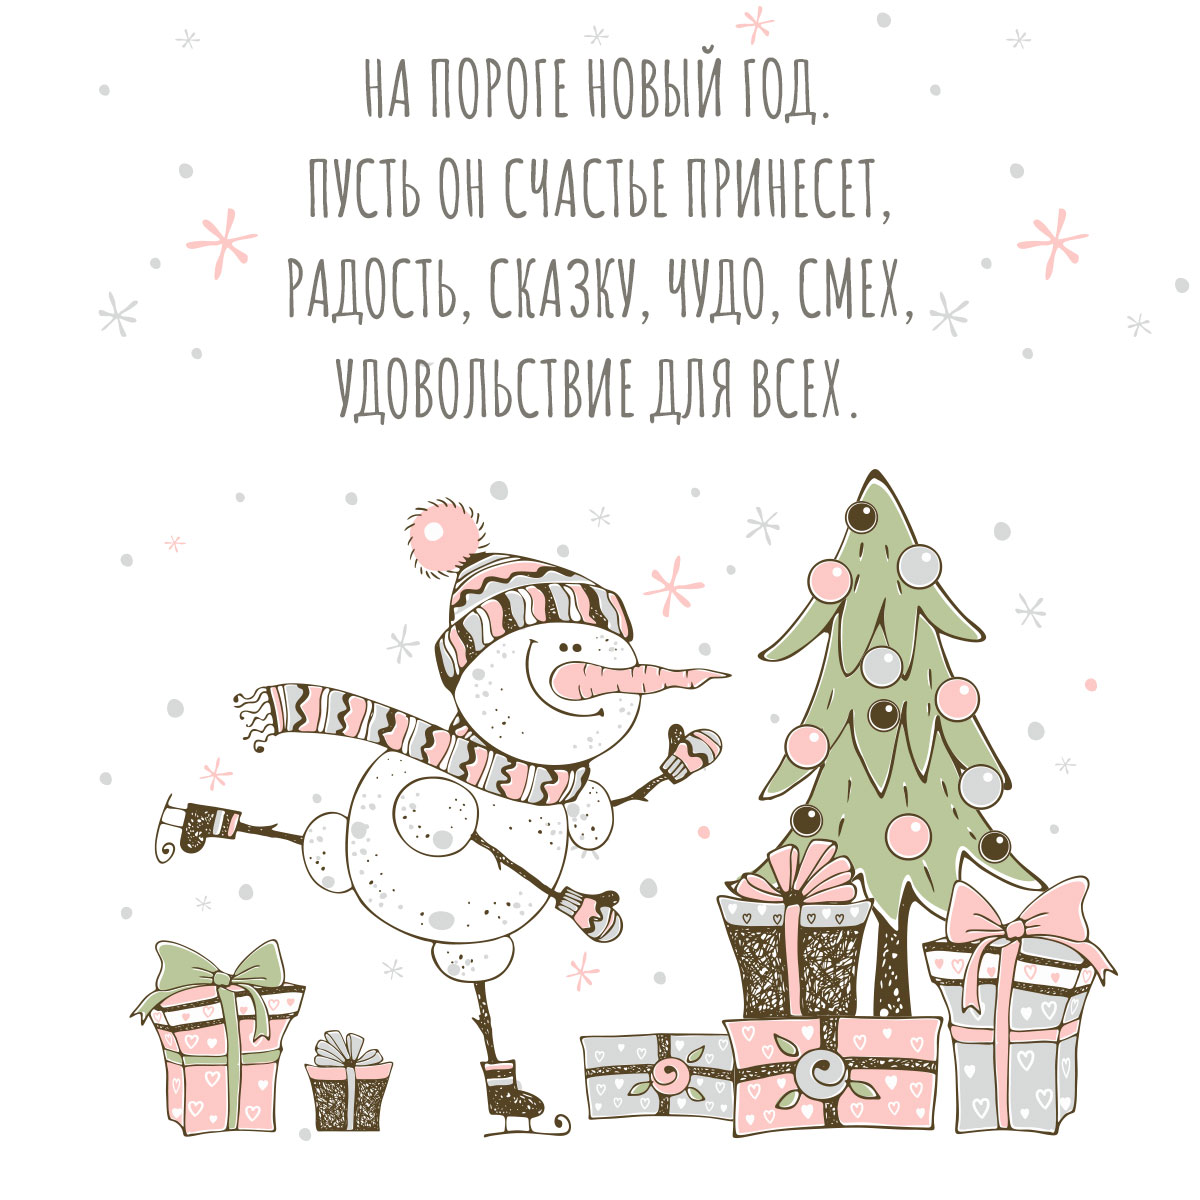 Текст поздравления с новым годом со снеговиком и ёлкой с подарками.